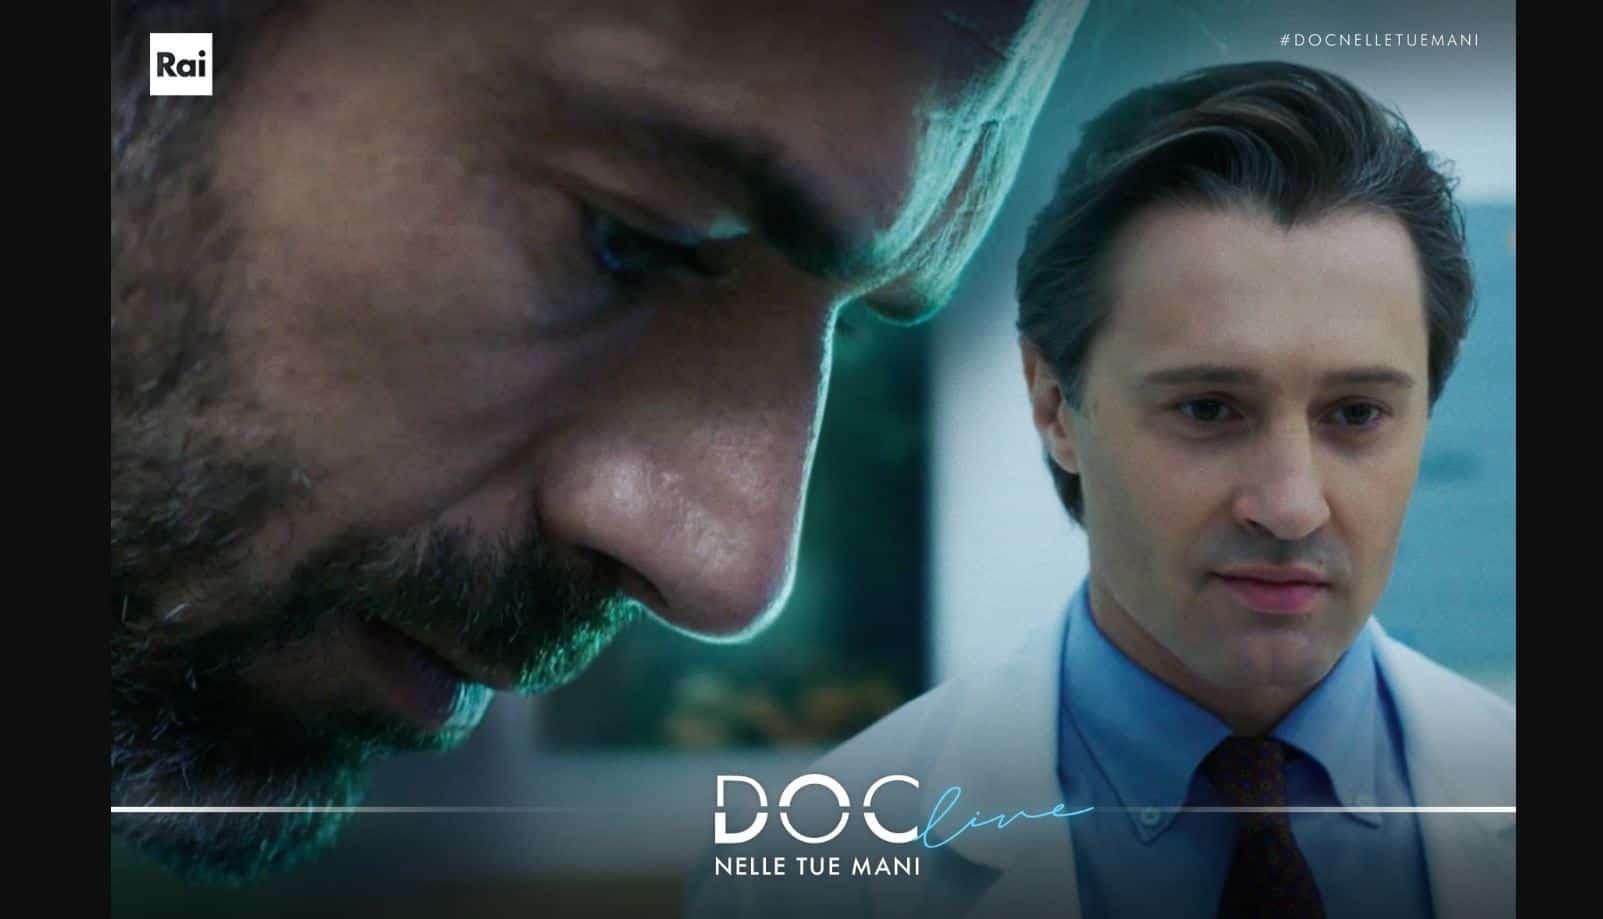 Doc-Nelle tue mani ultima puntata con DOC in crisi: cosa sta prendendo? Rischia la vita? Ricorderà cosa ha fatto Marco?